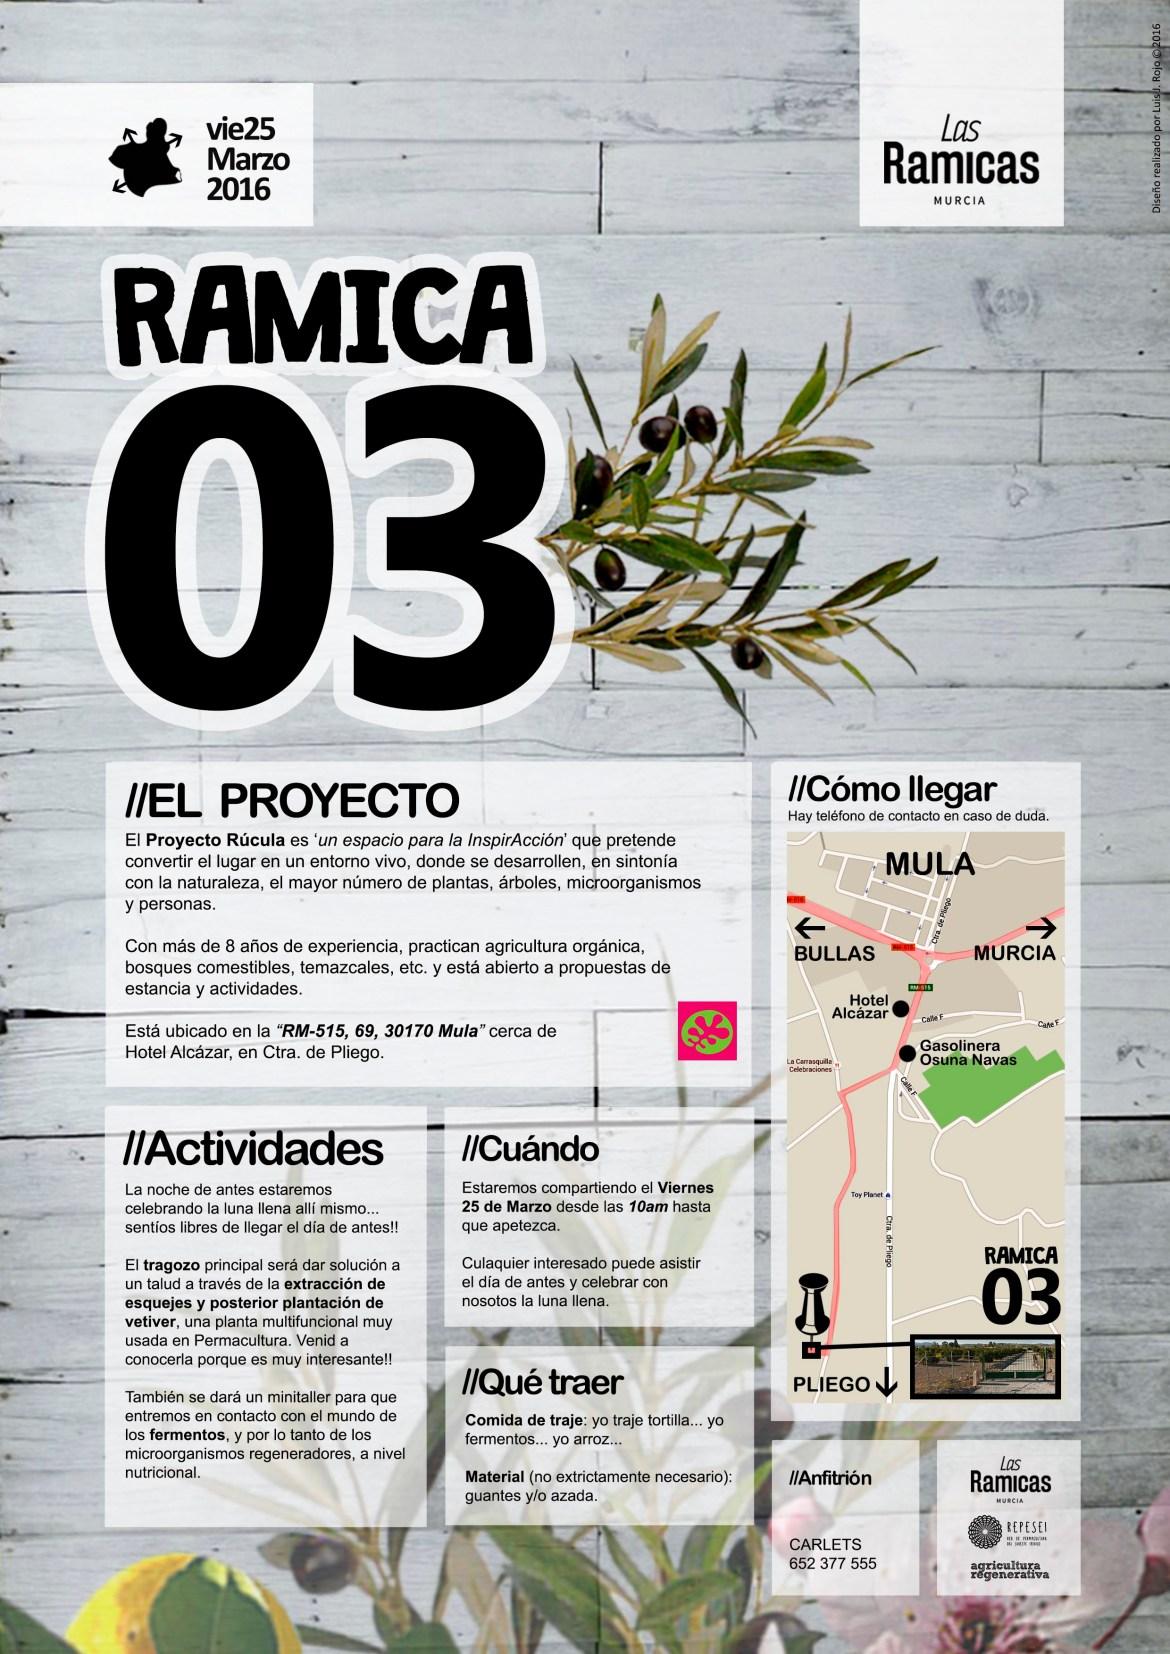 Ramica03